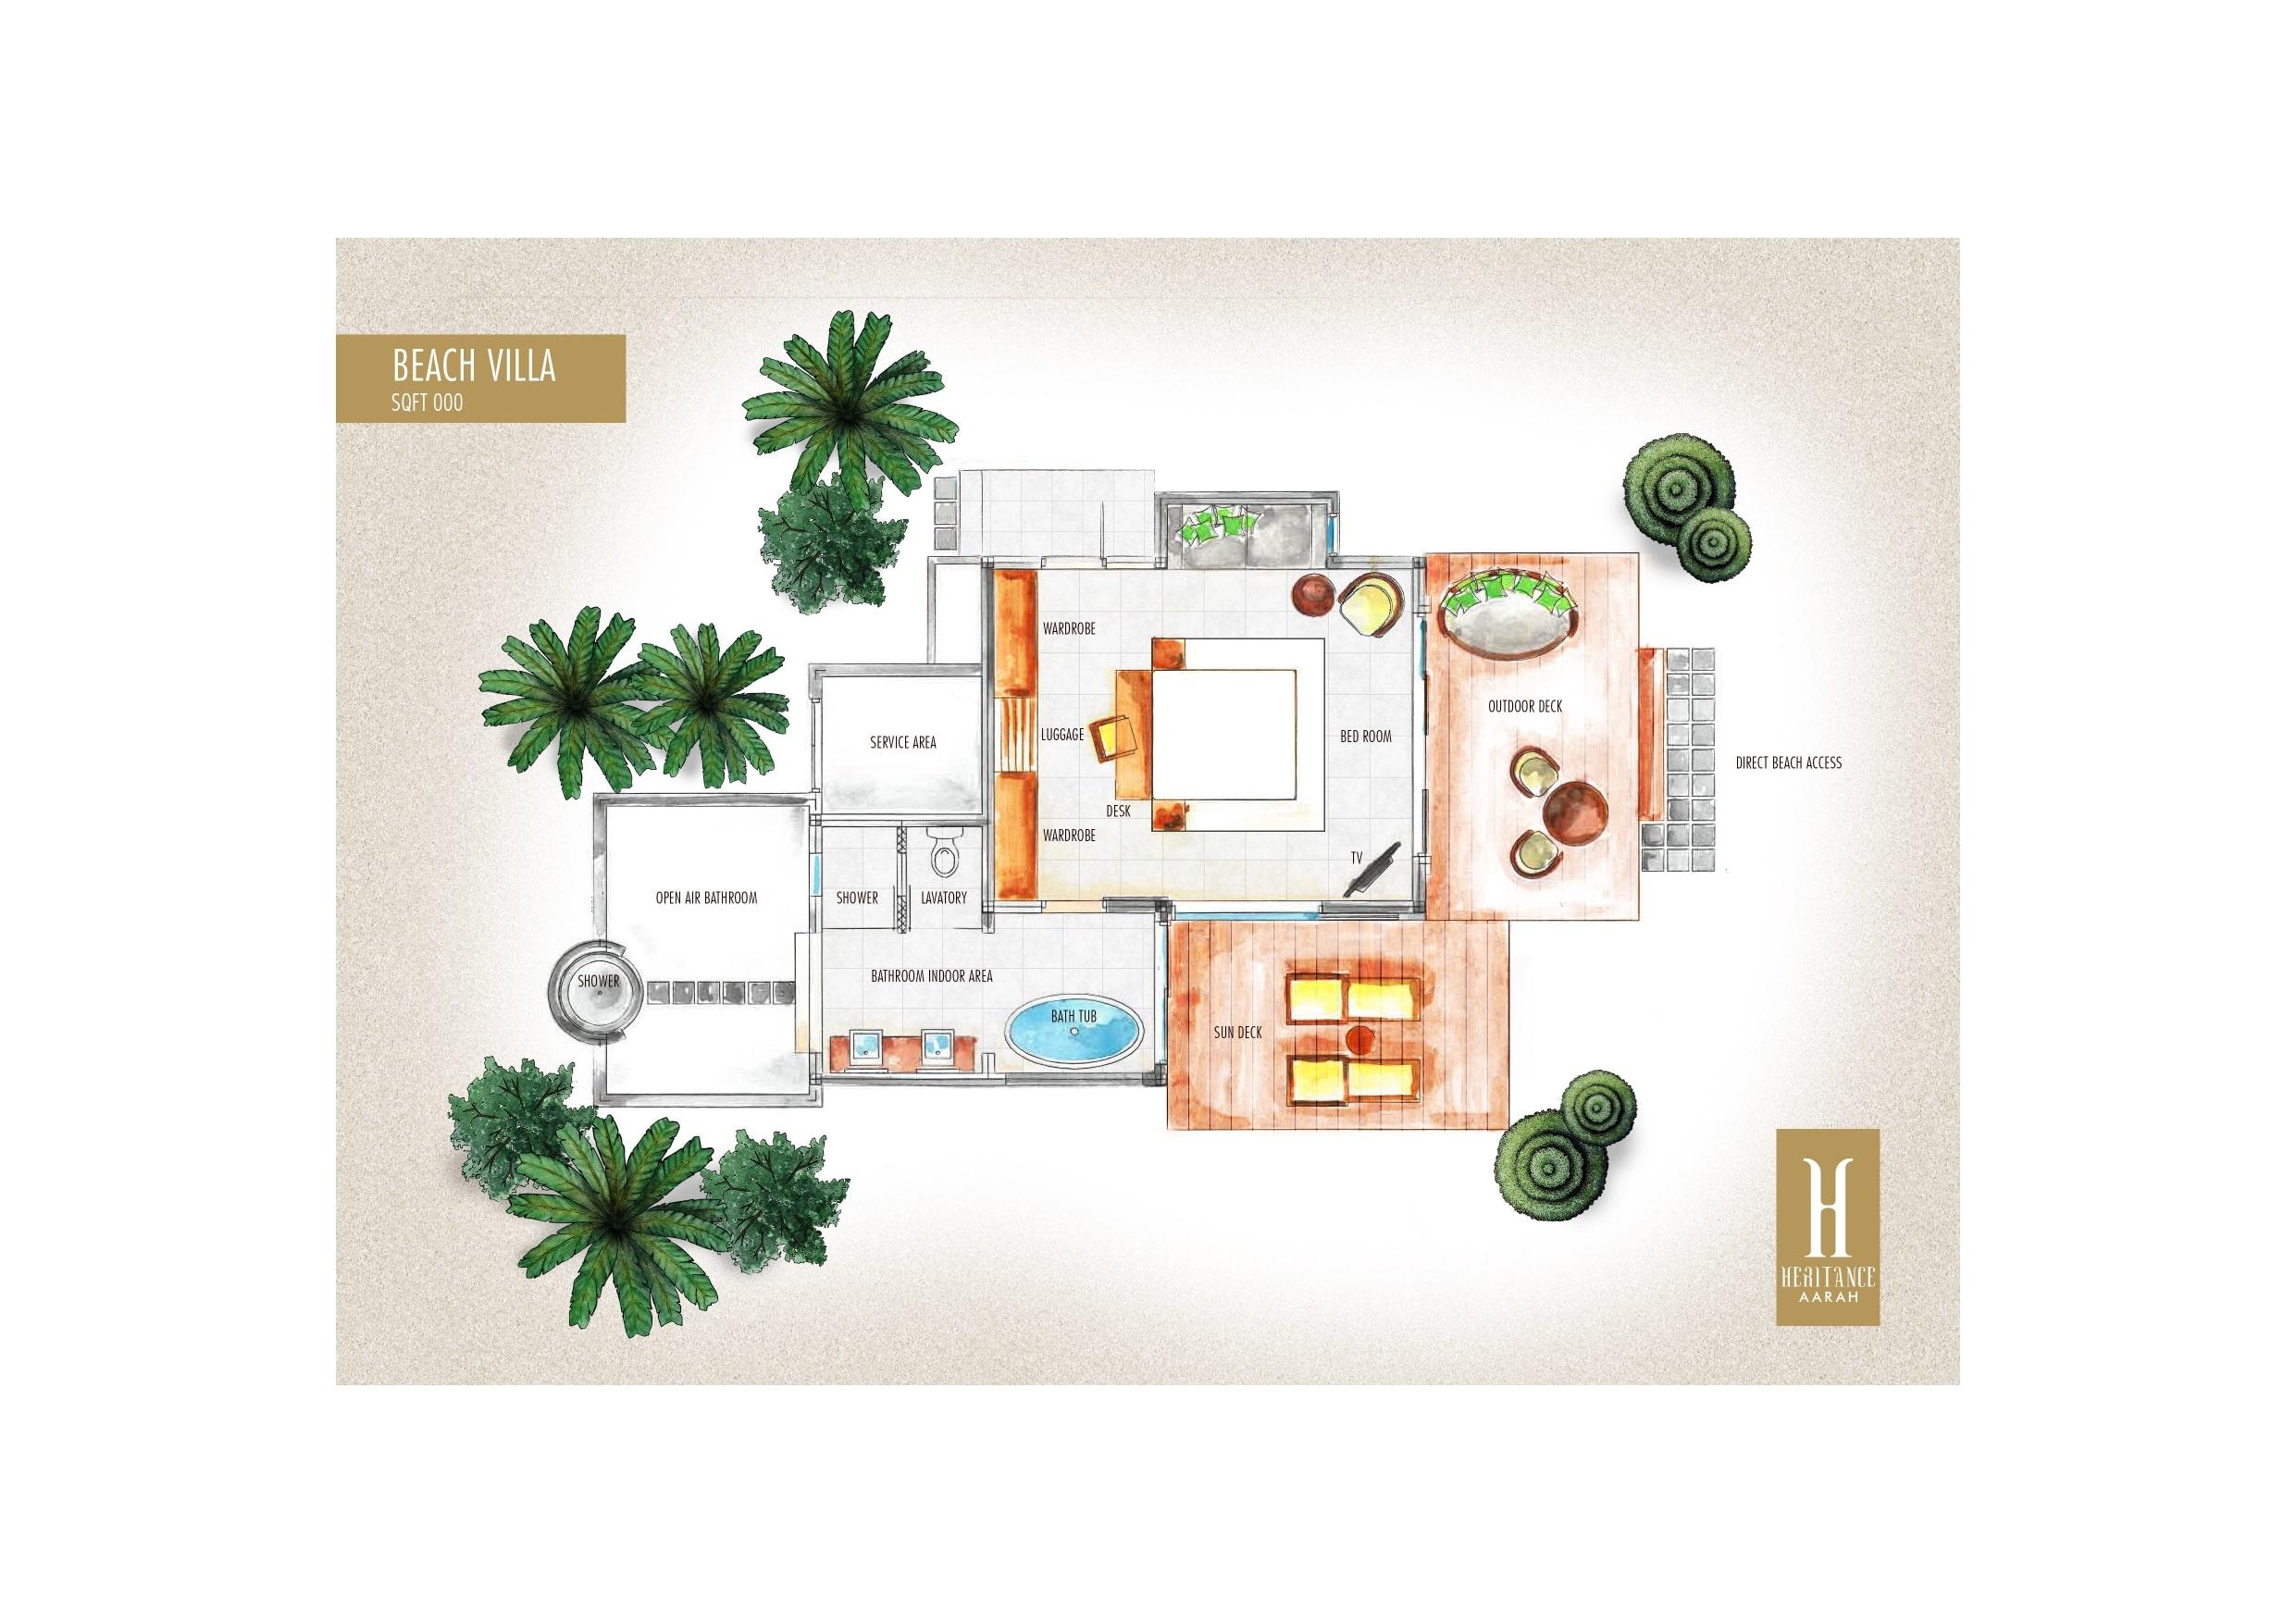 Мальдивы, отель Heritance Aarah, план-схема номера Beach Villa